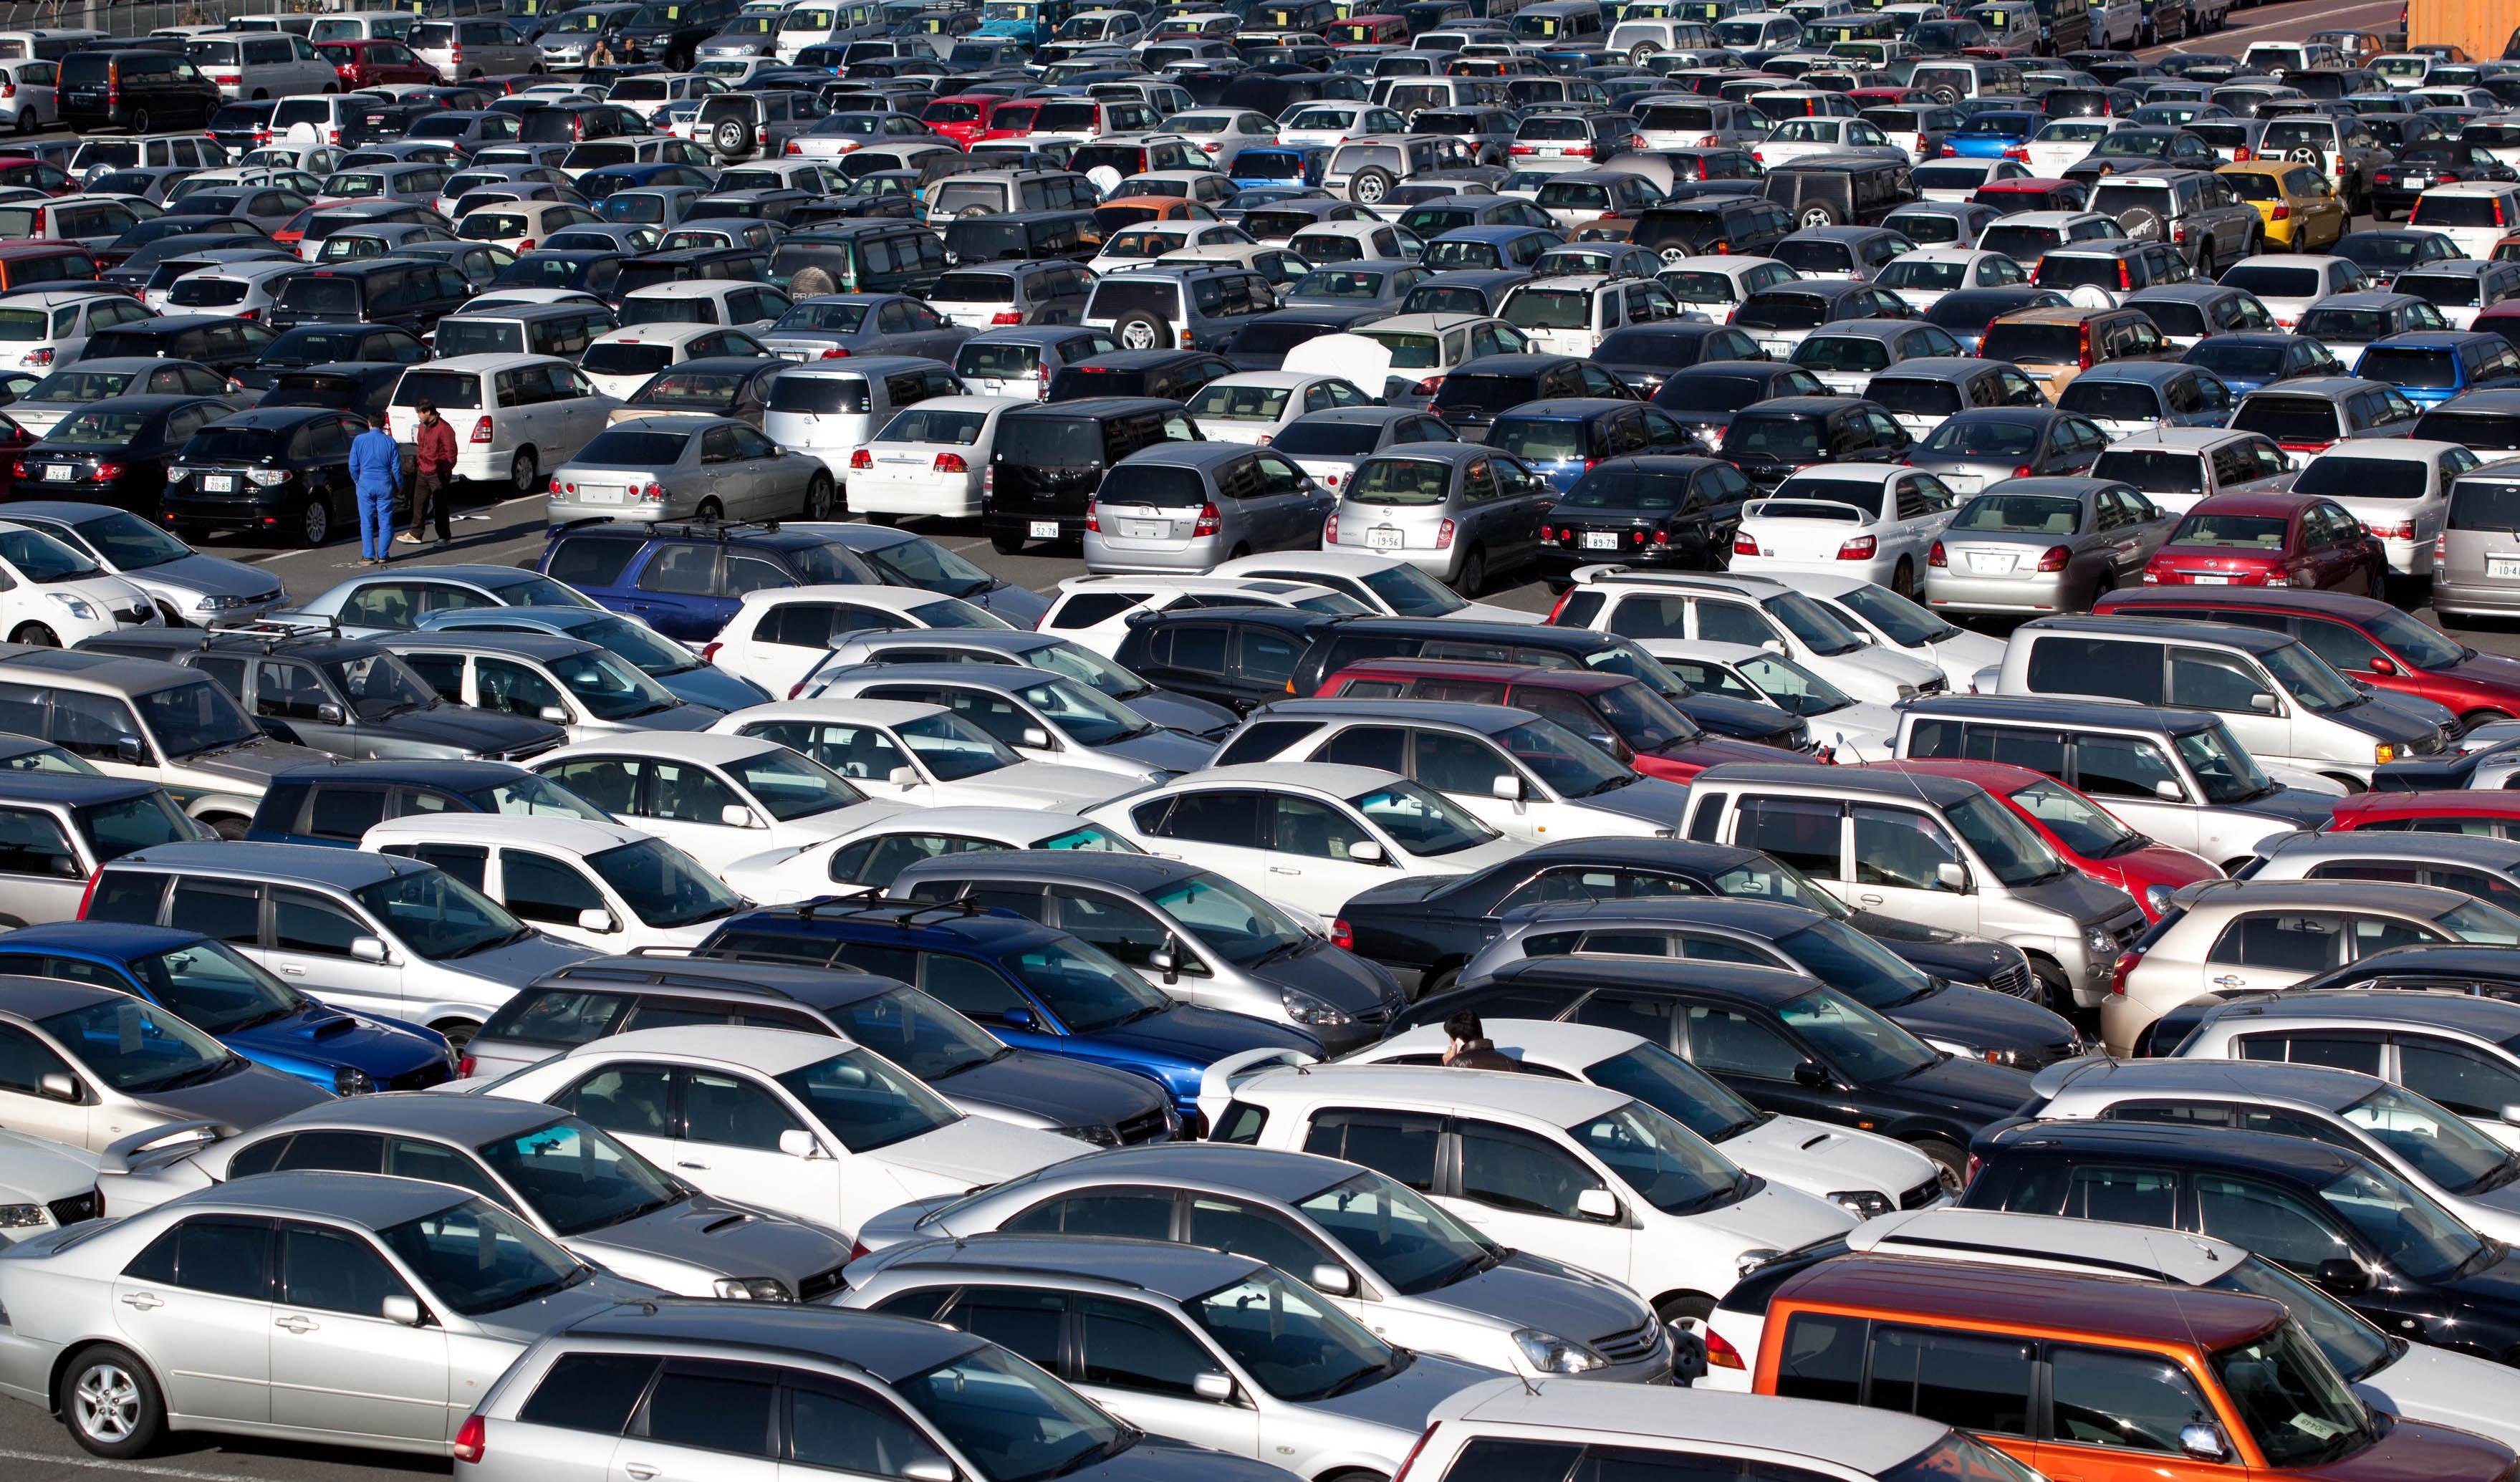 عرضه خودرو در بورس منتفی شد/ وزیر صنعت: حال بازار خودرو بزودی خوب می شود